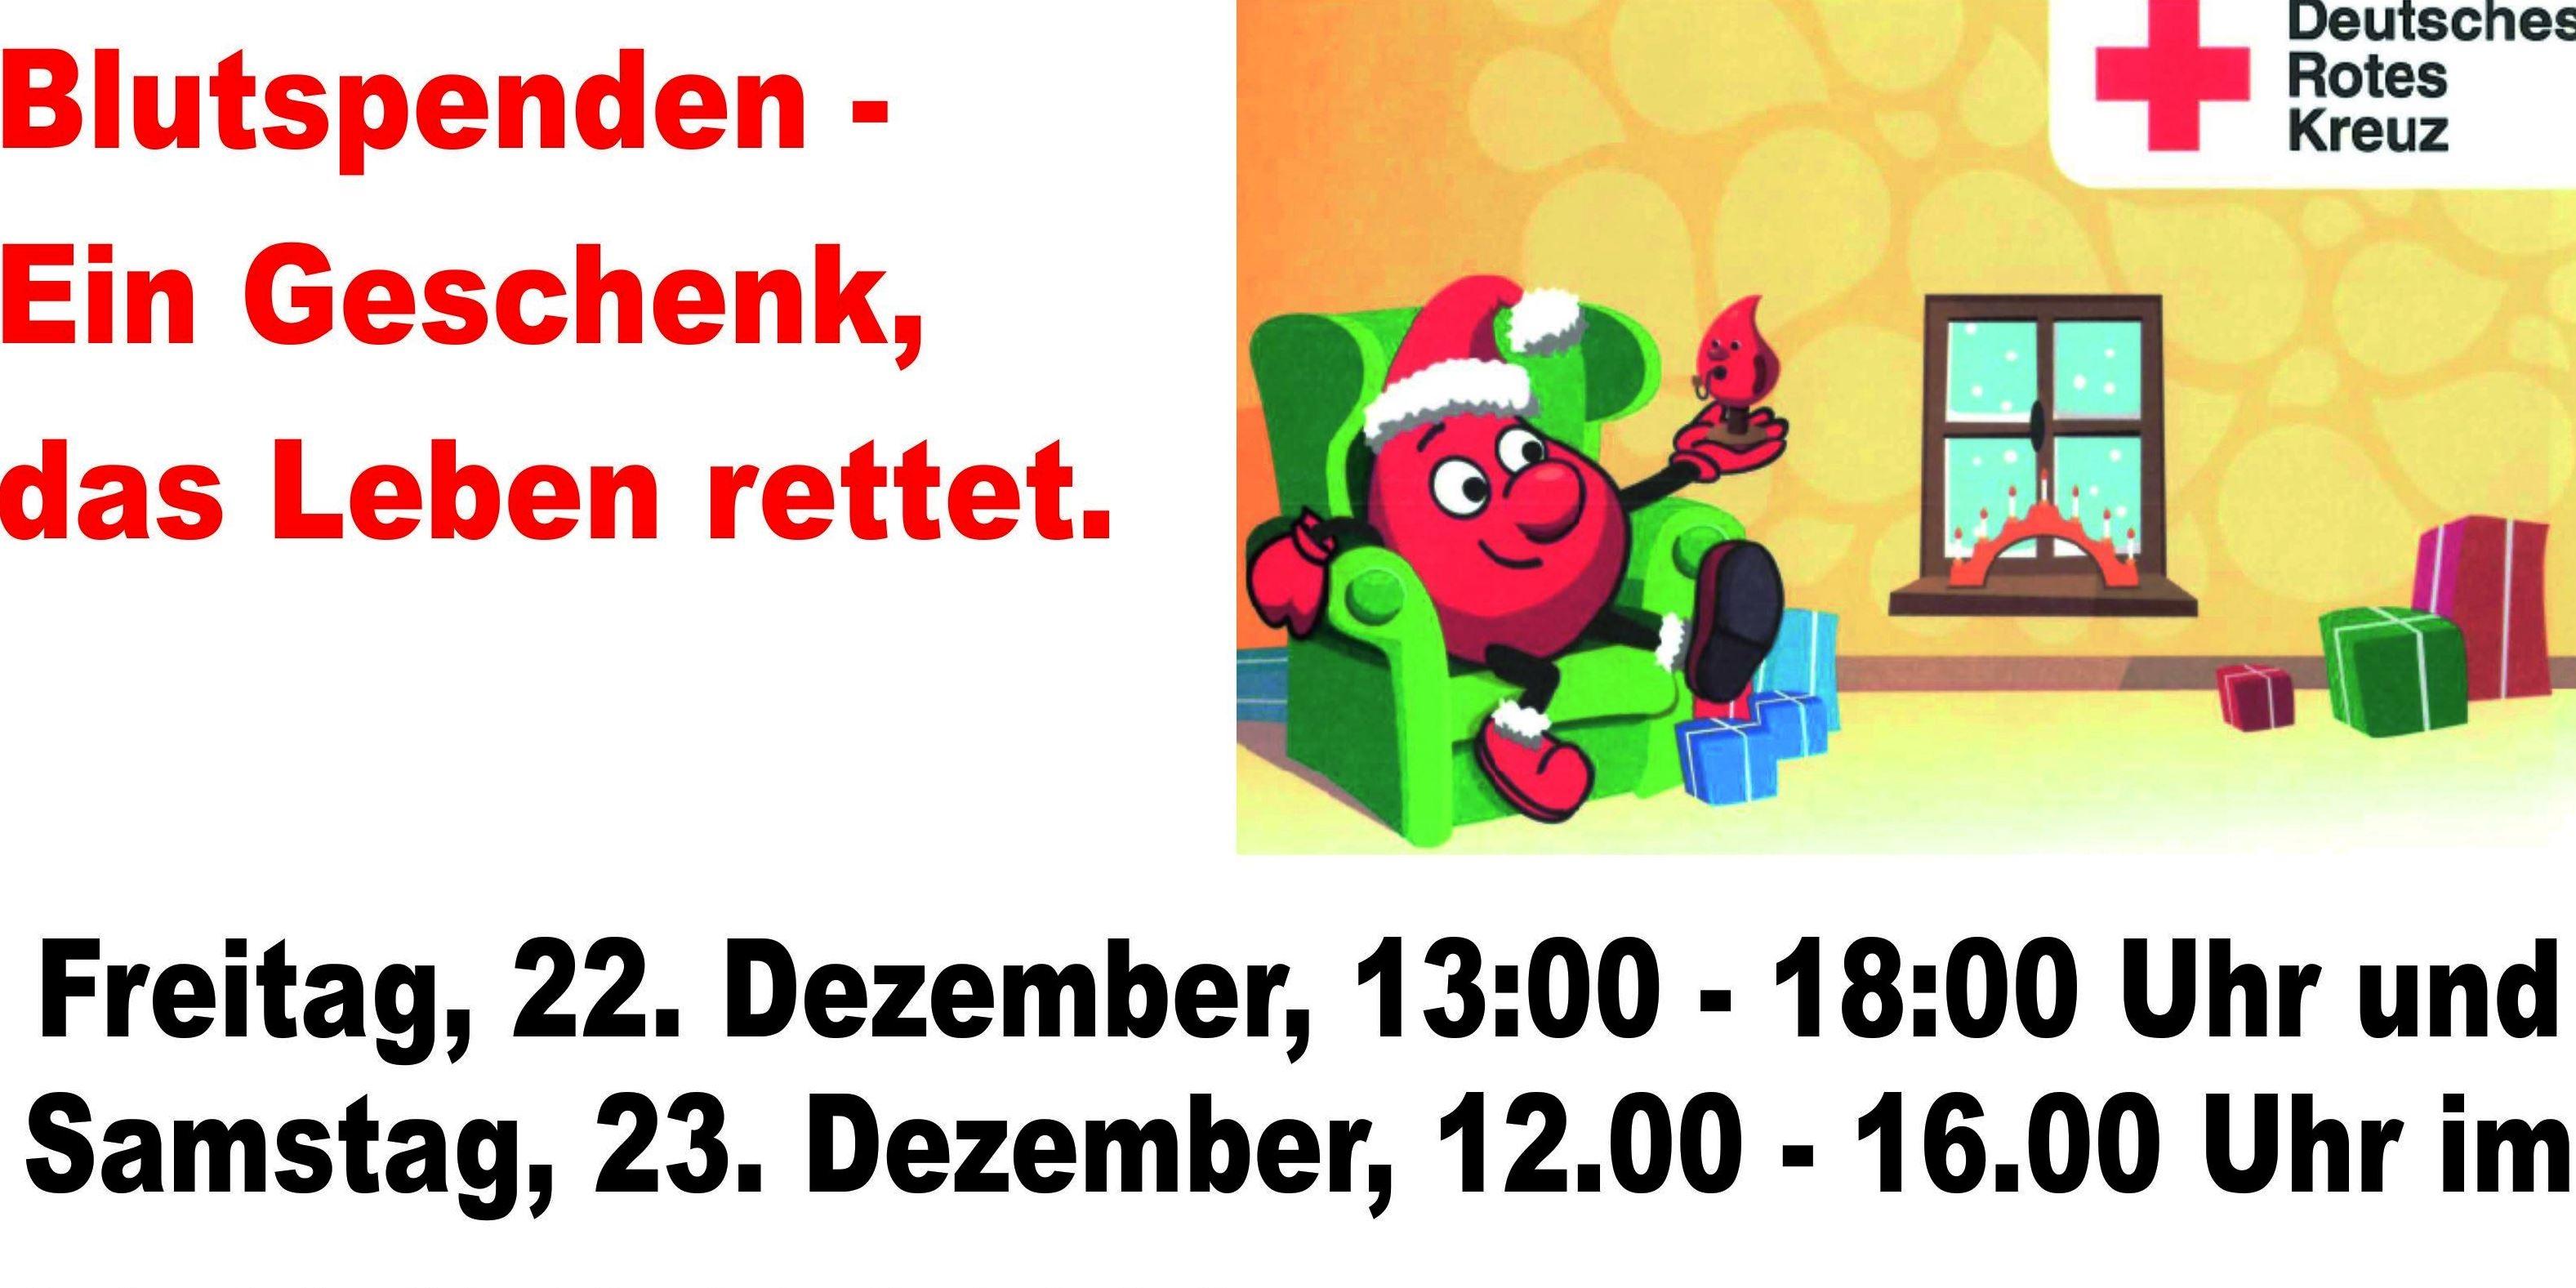 Blutspendeaktion am 22. und 23. Dezember 2017 im HavelPark Dallgow